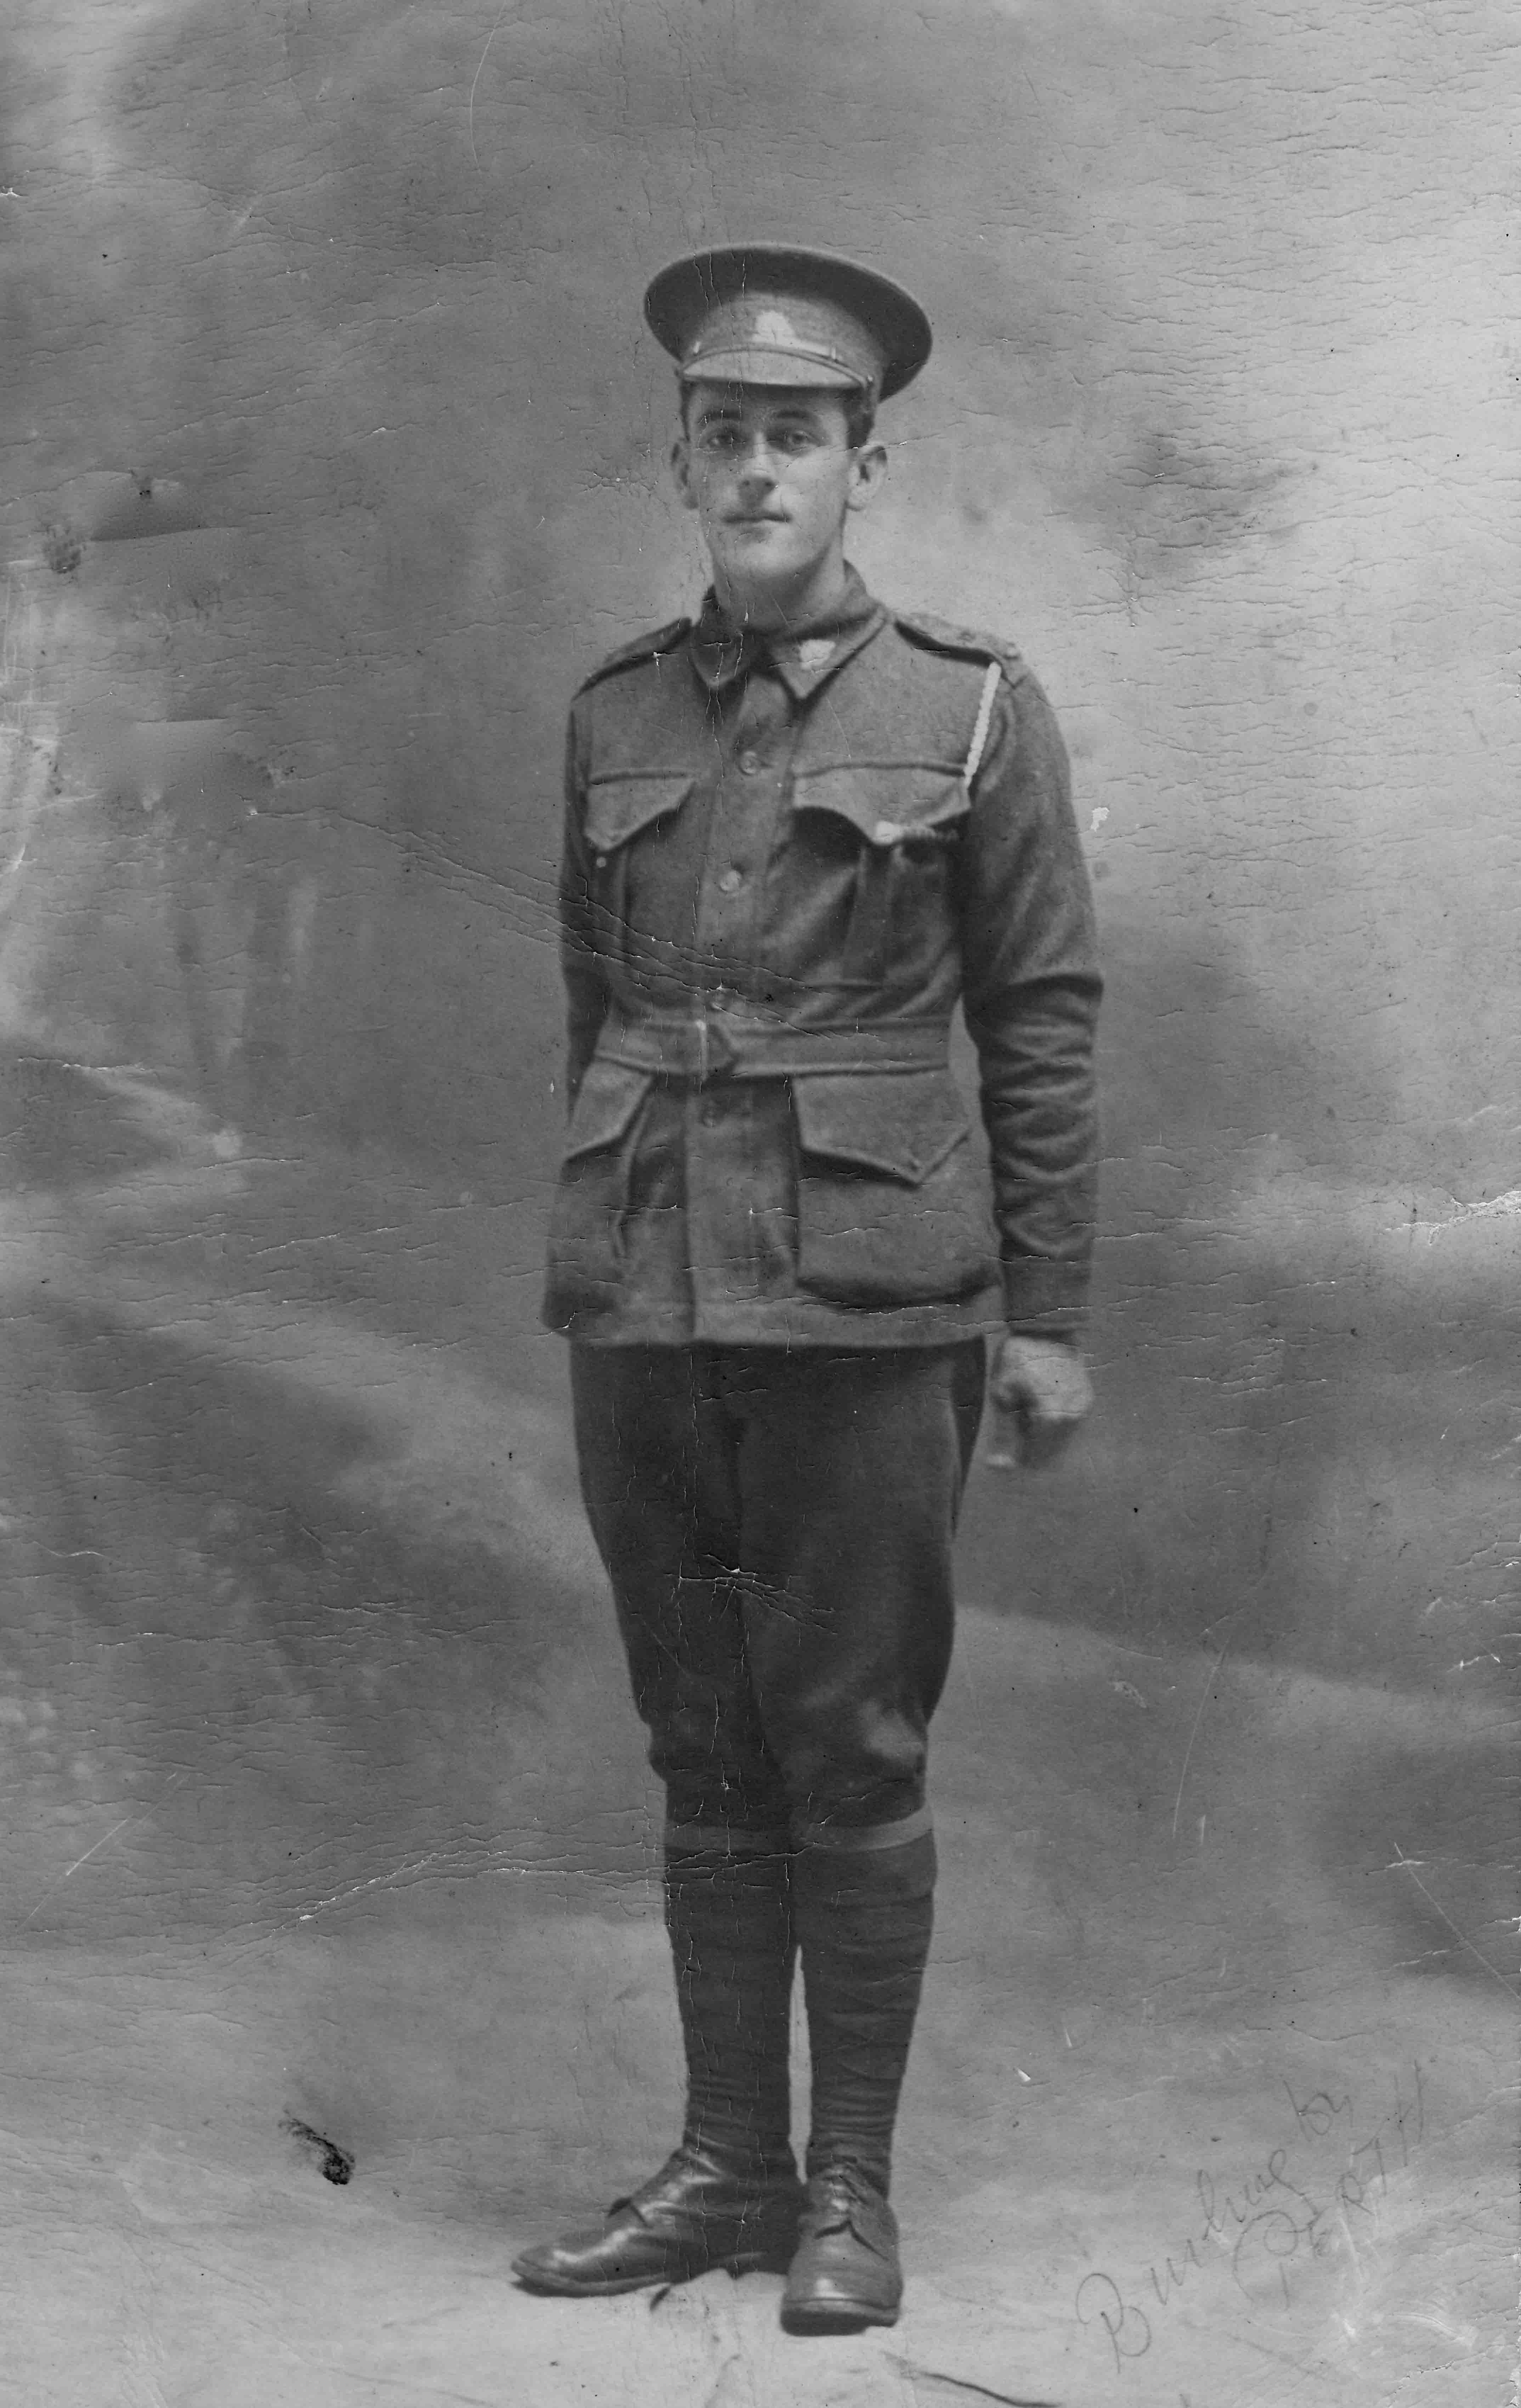 66. Rupert Hale, c 1919